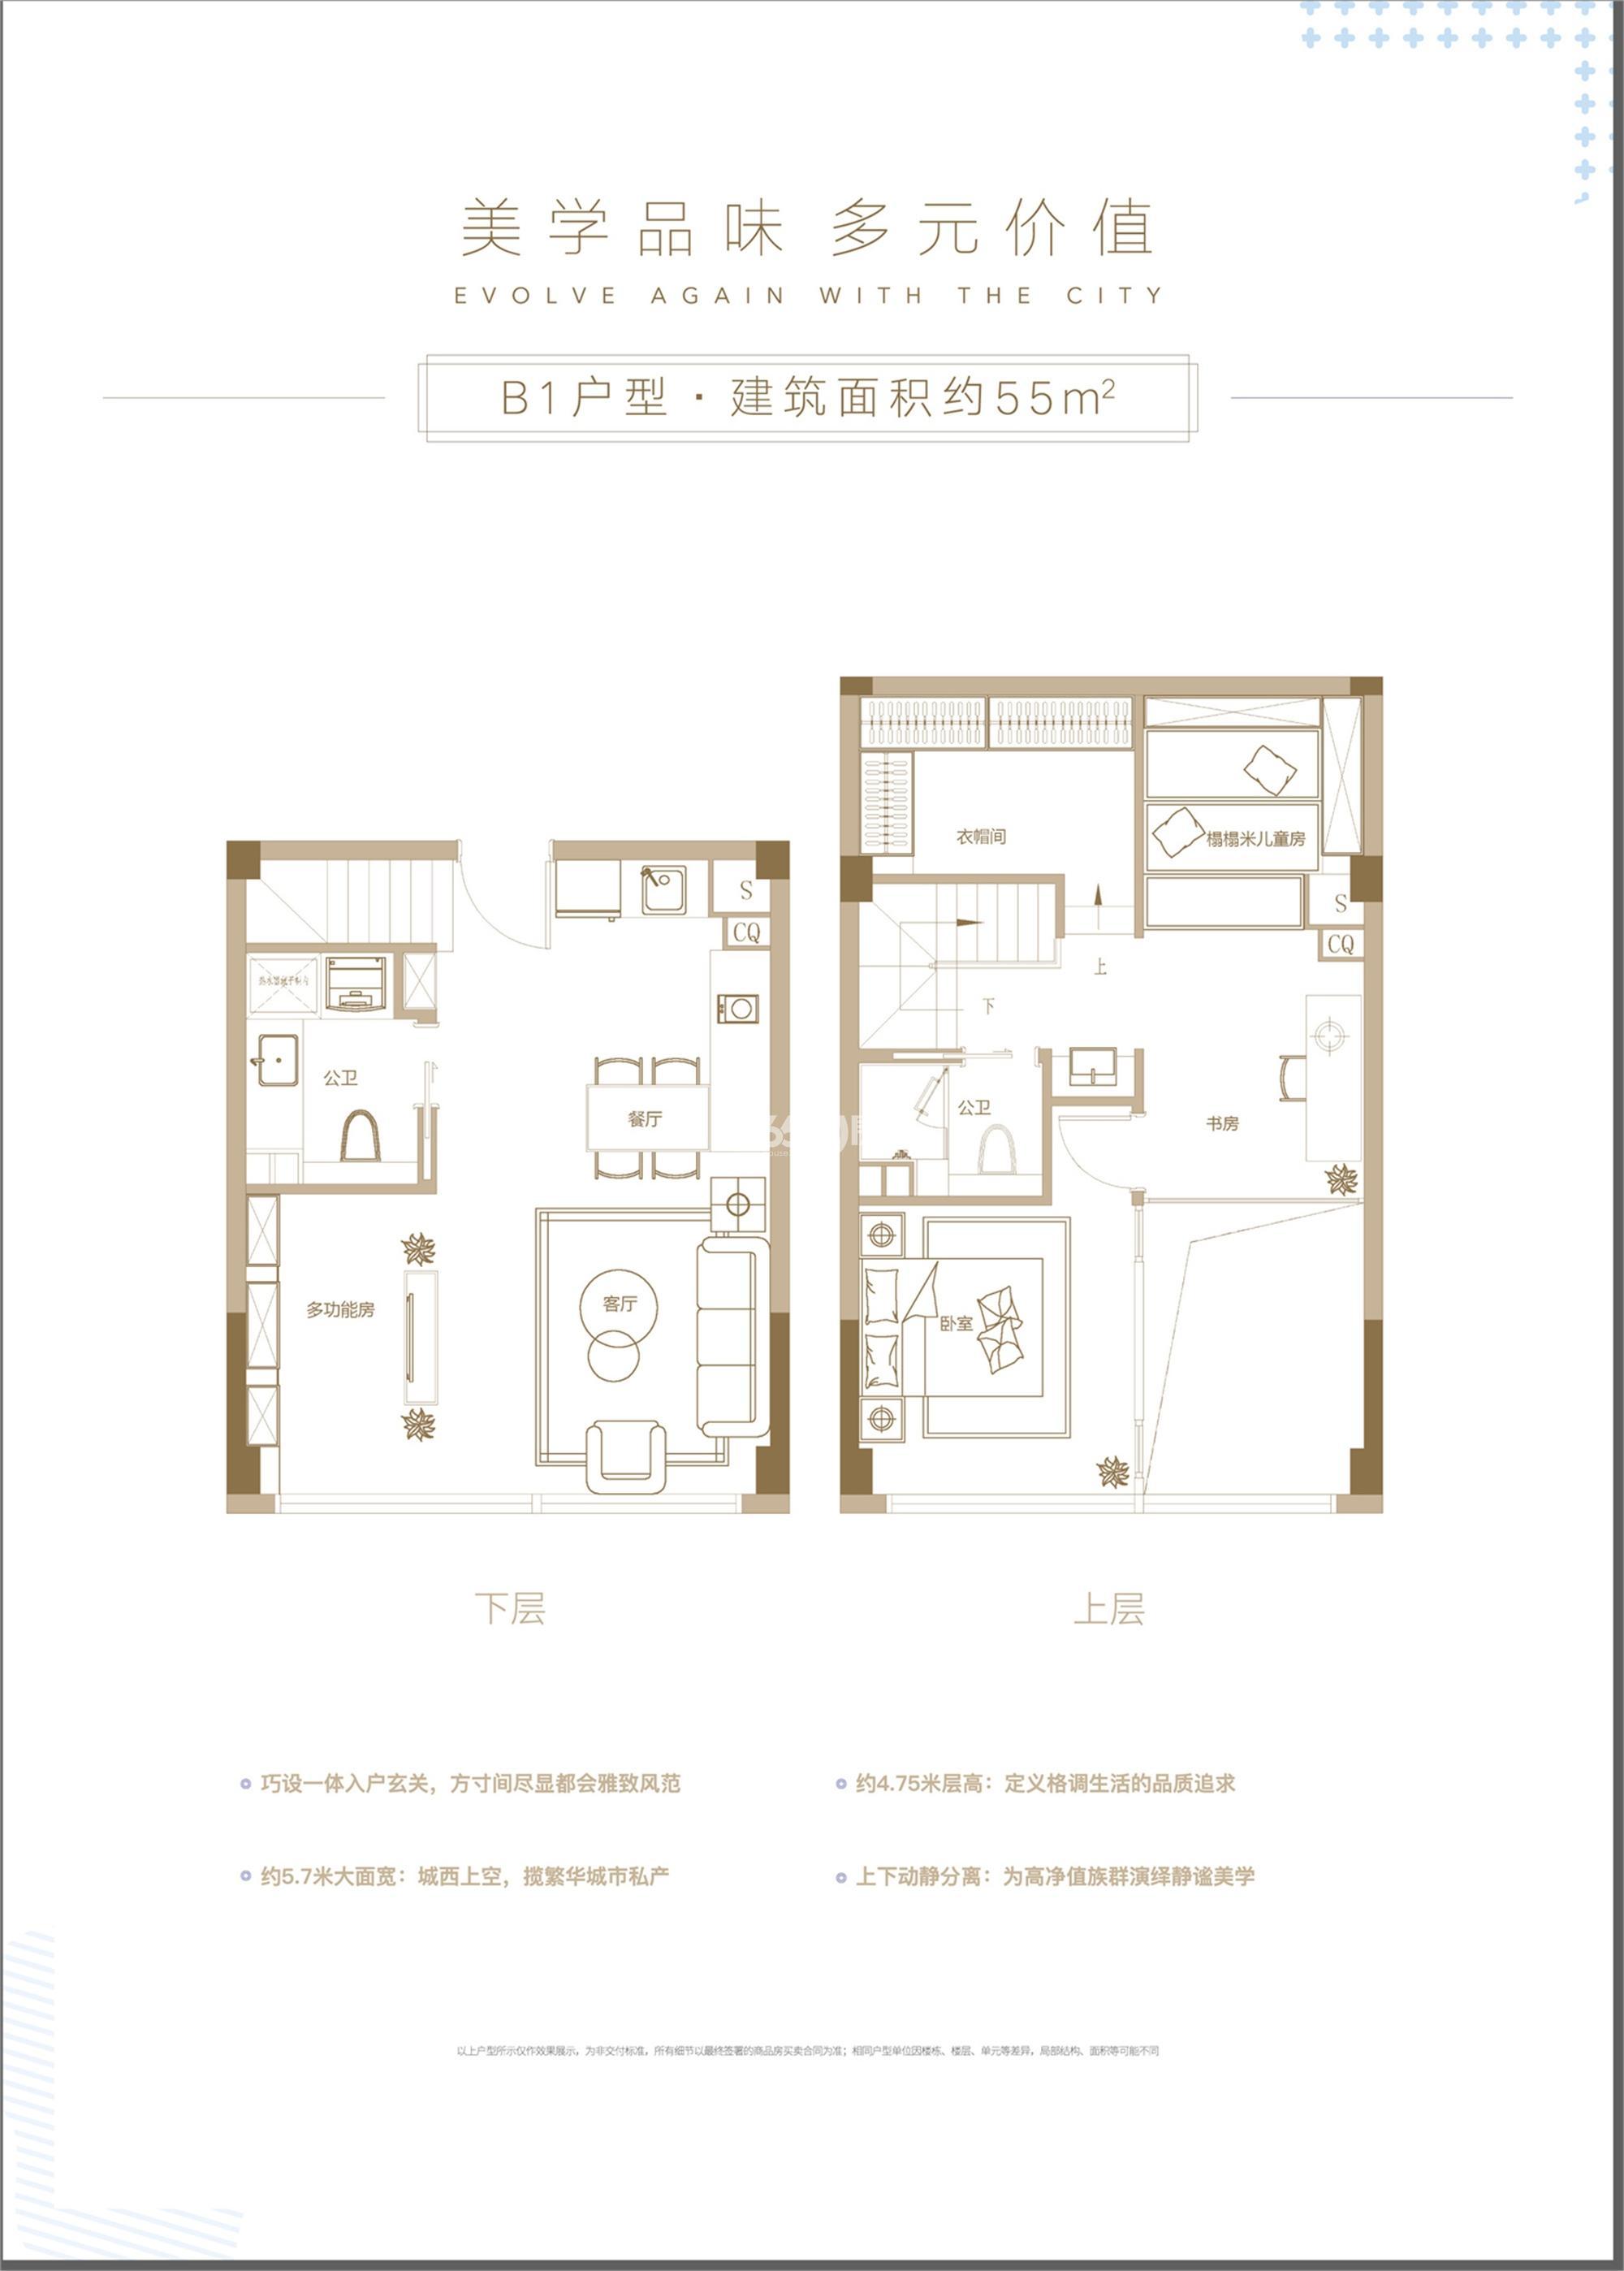 杭州世茂泰禾中央广场B1户型55方单钥匙设计